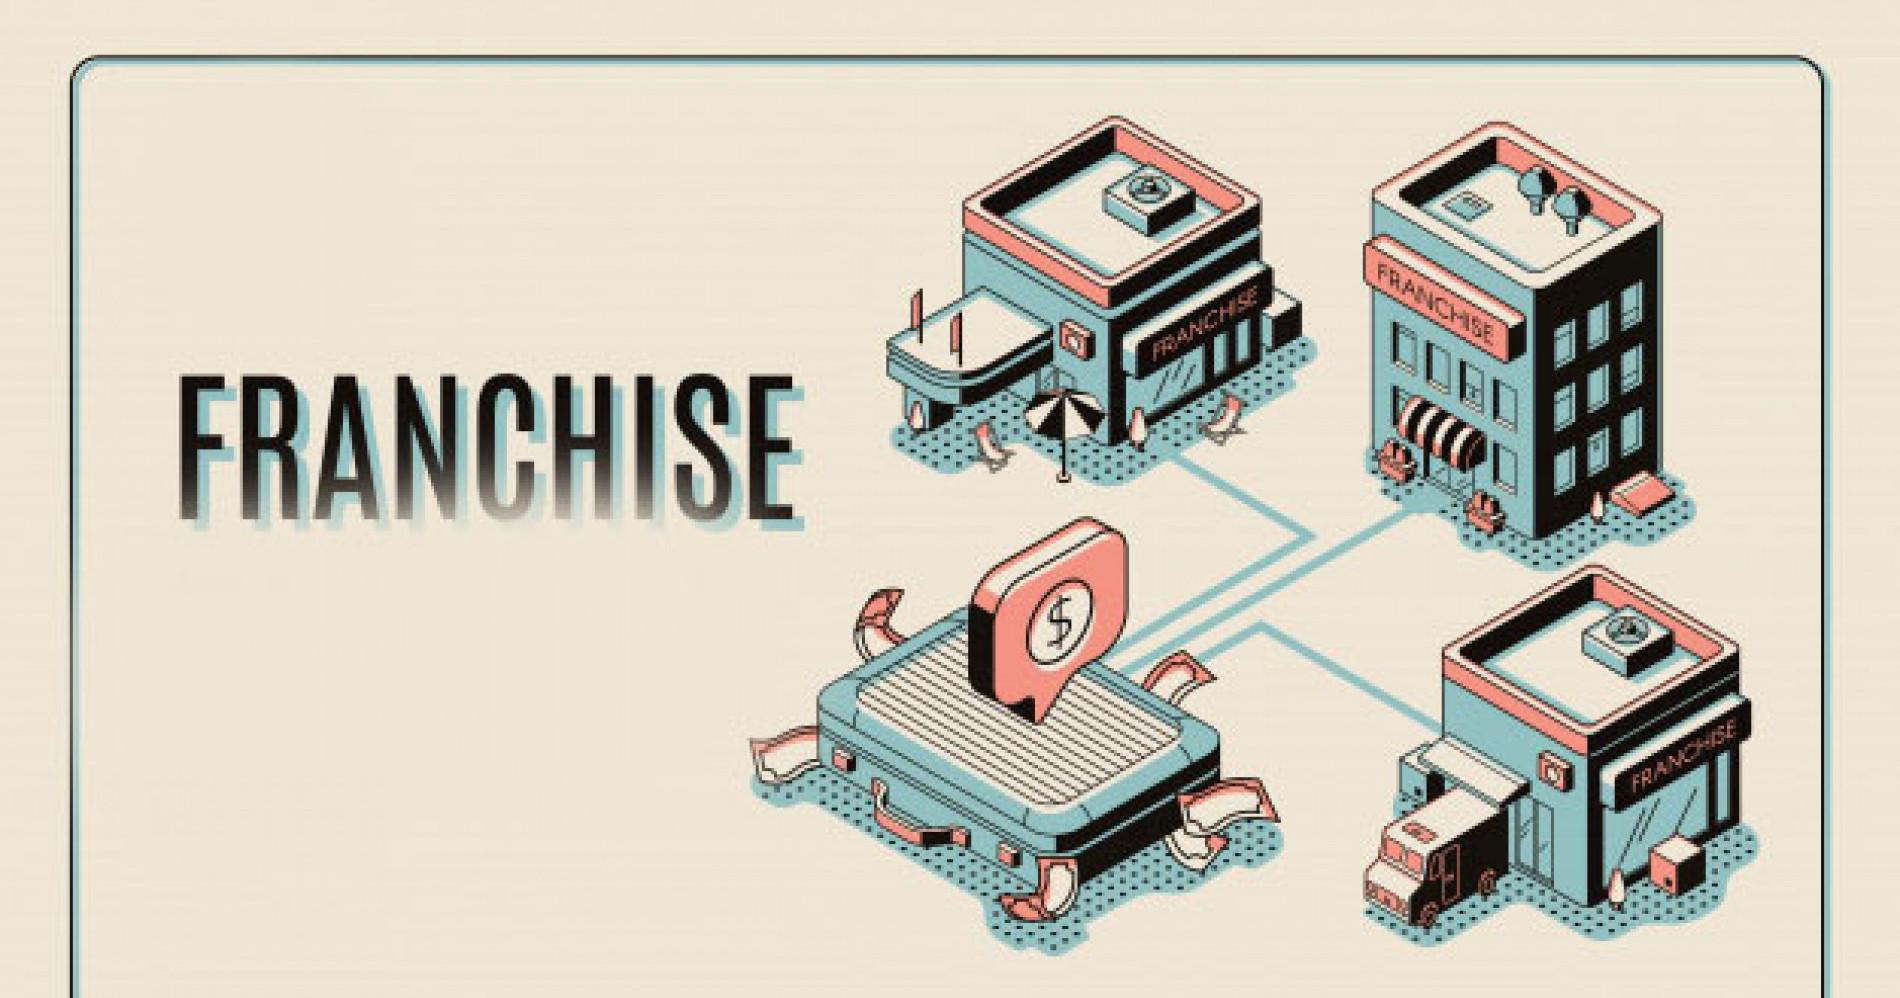 ilustrasi toko franchise (Sumber gambar : Freepik)